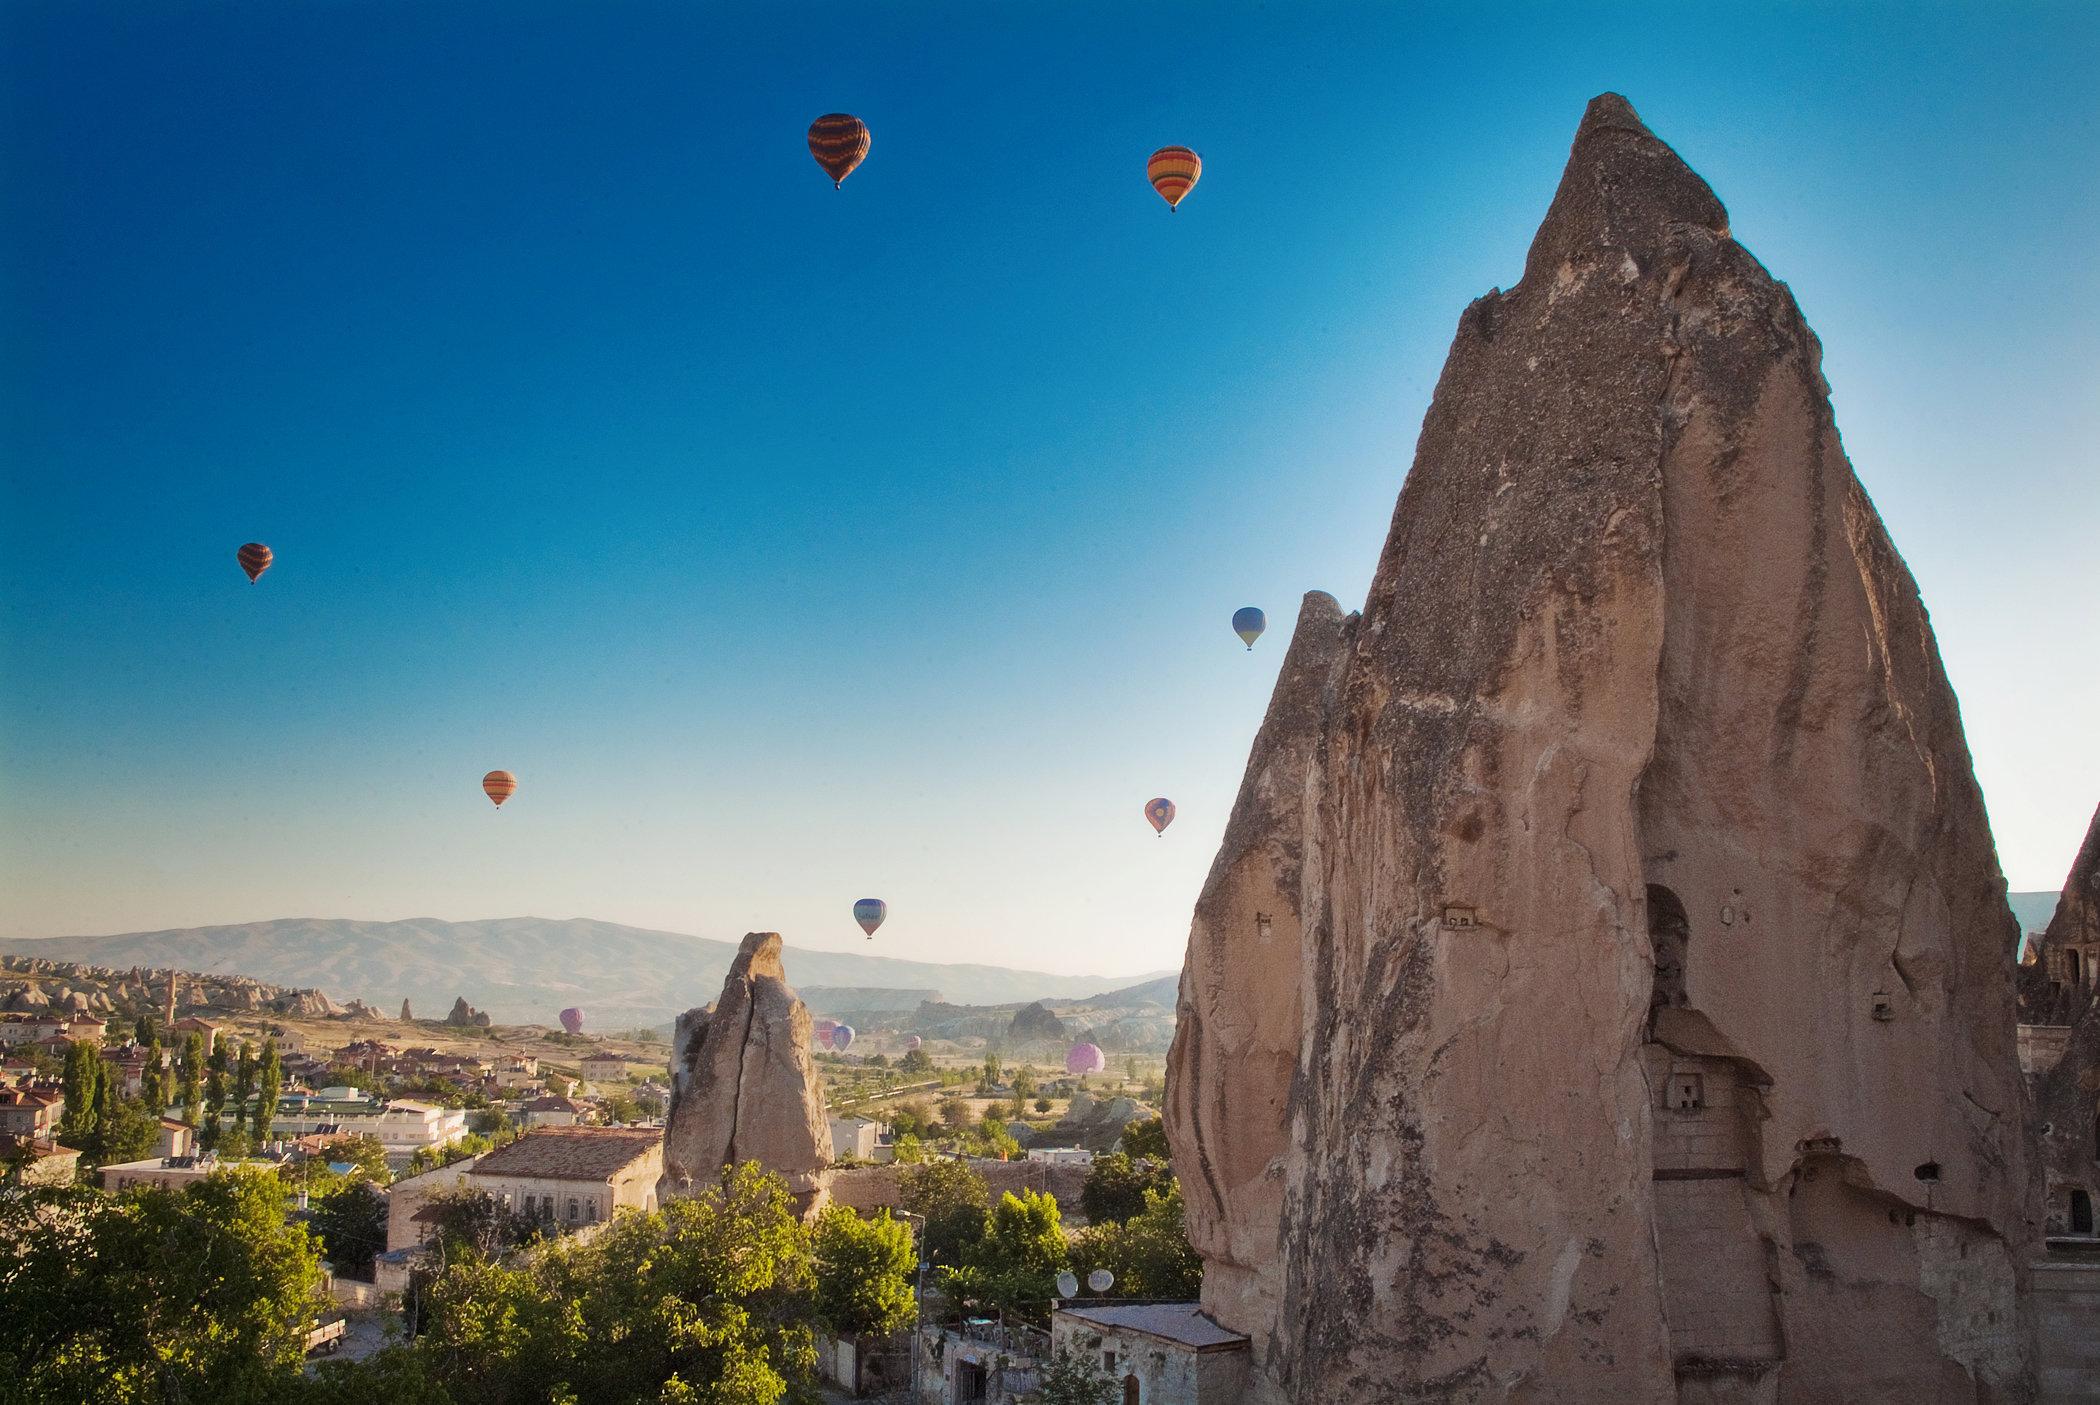 Ballooning Cappadocia